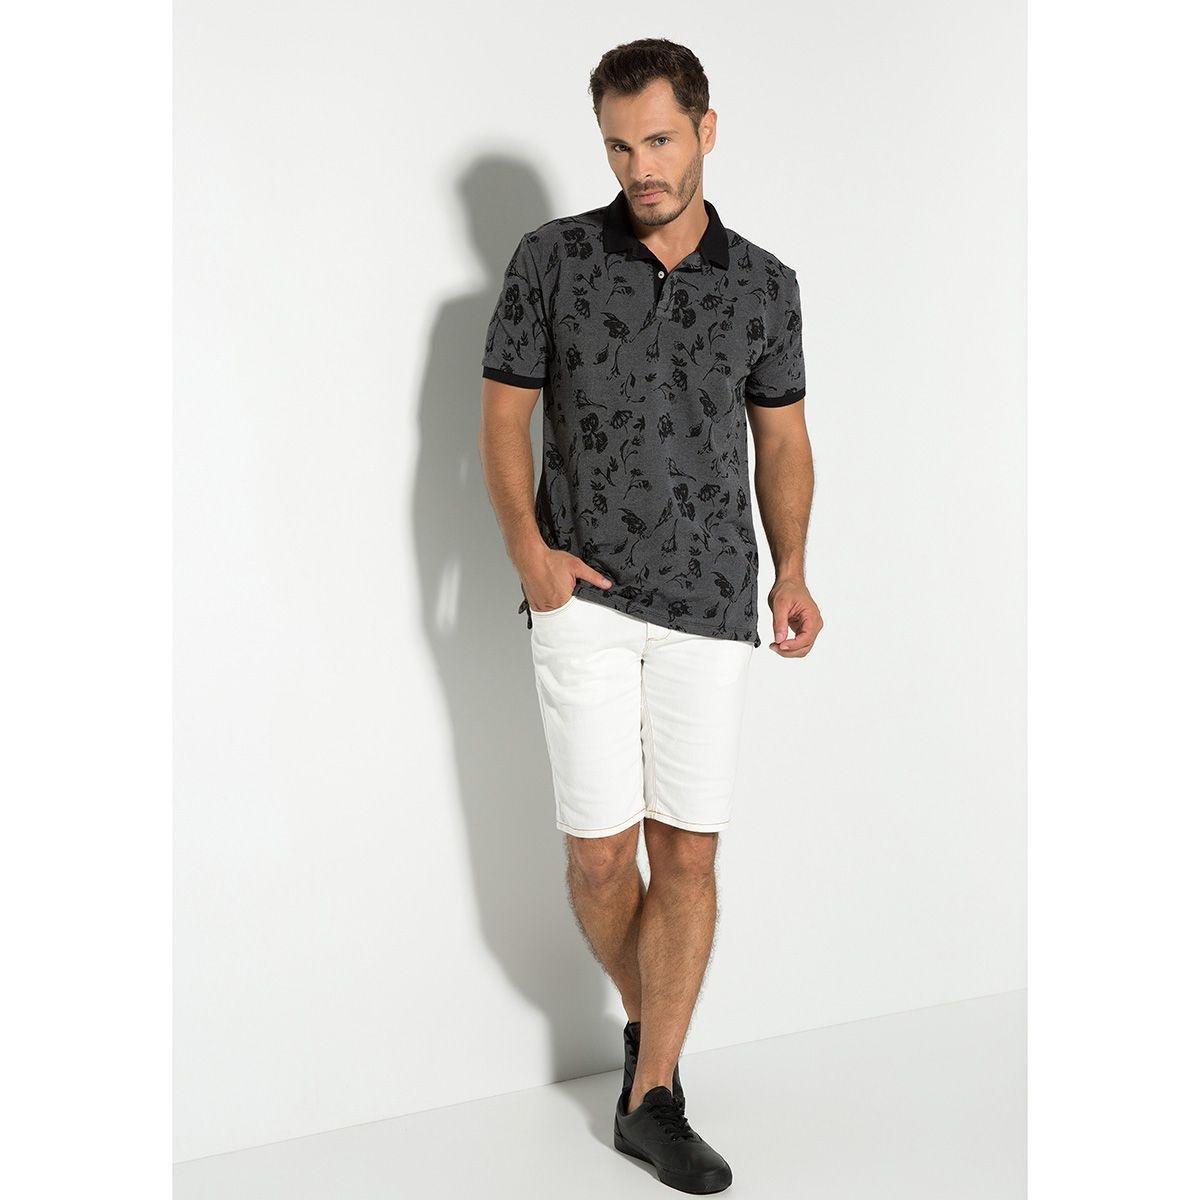 Camisa Polo Seeder Piquet Binado Masculina - Cinza e Preto